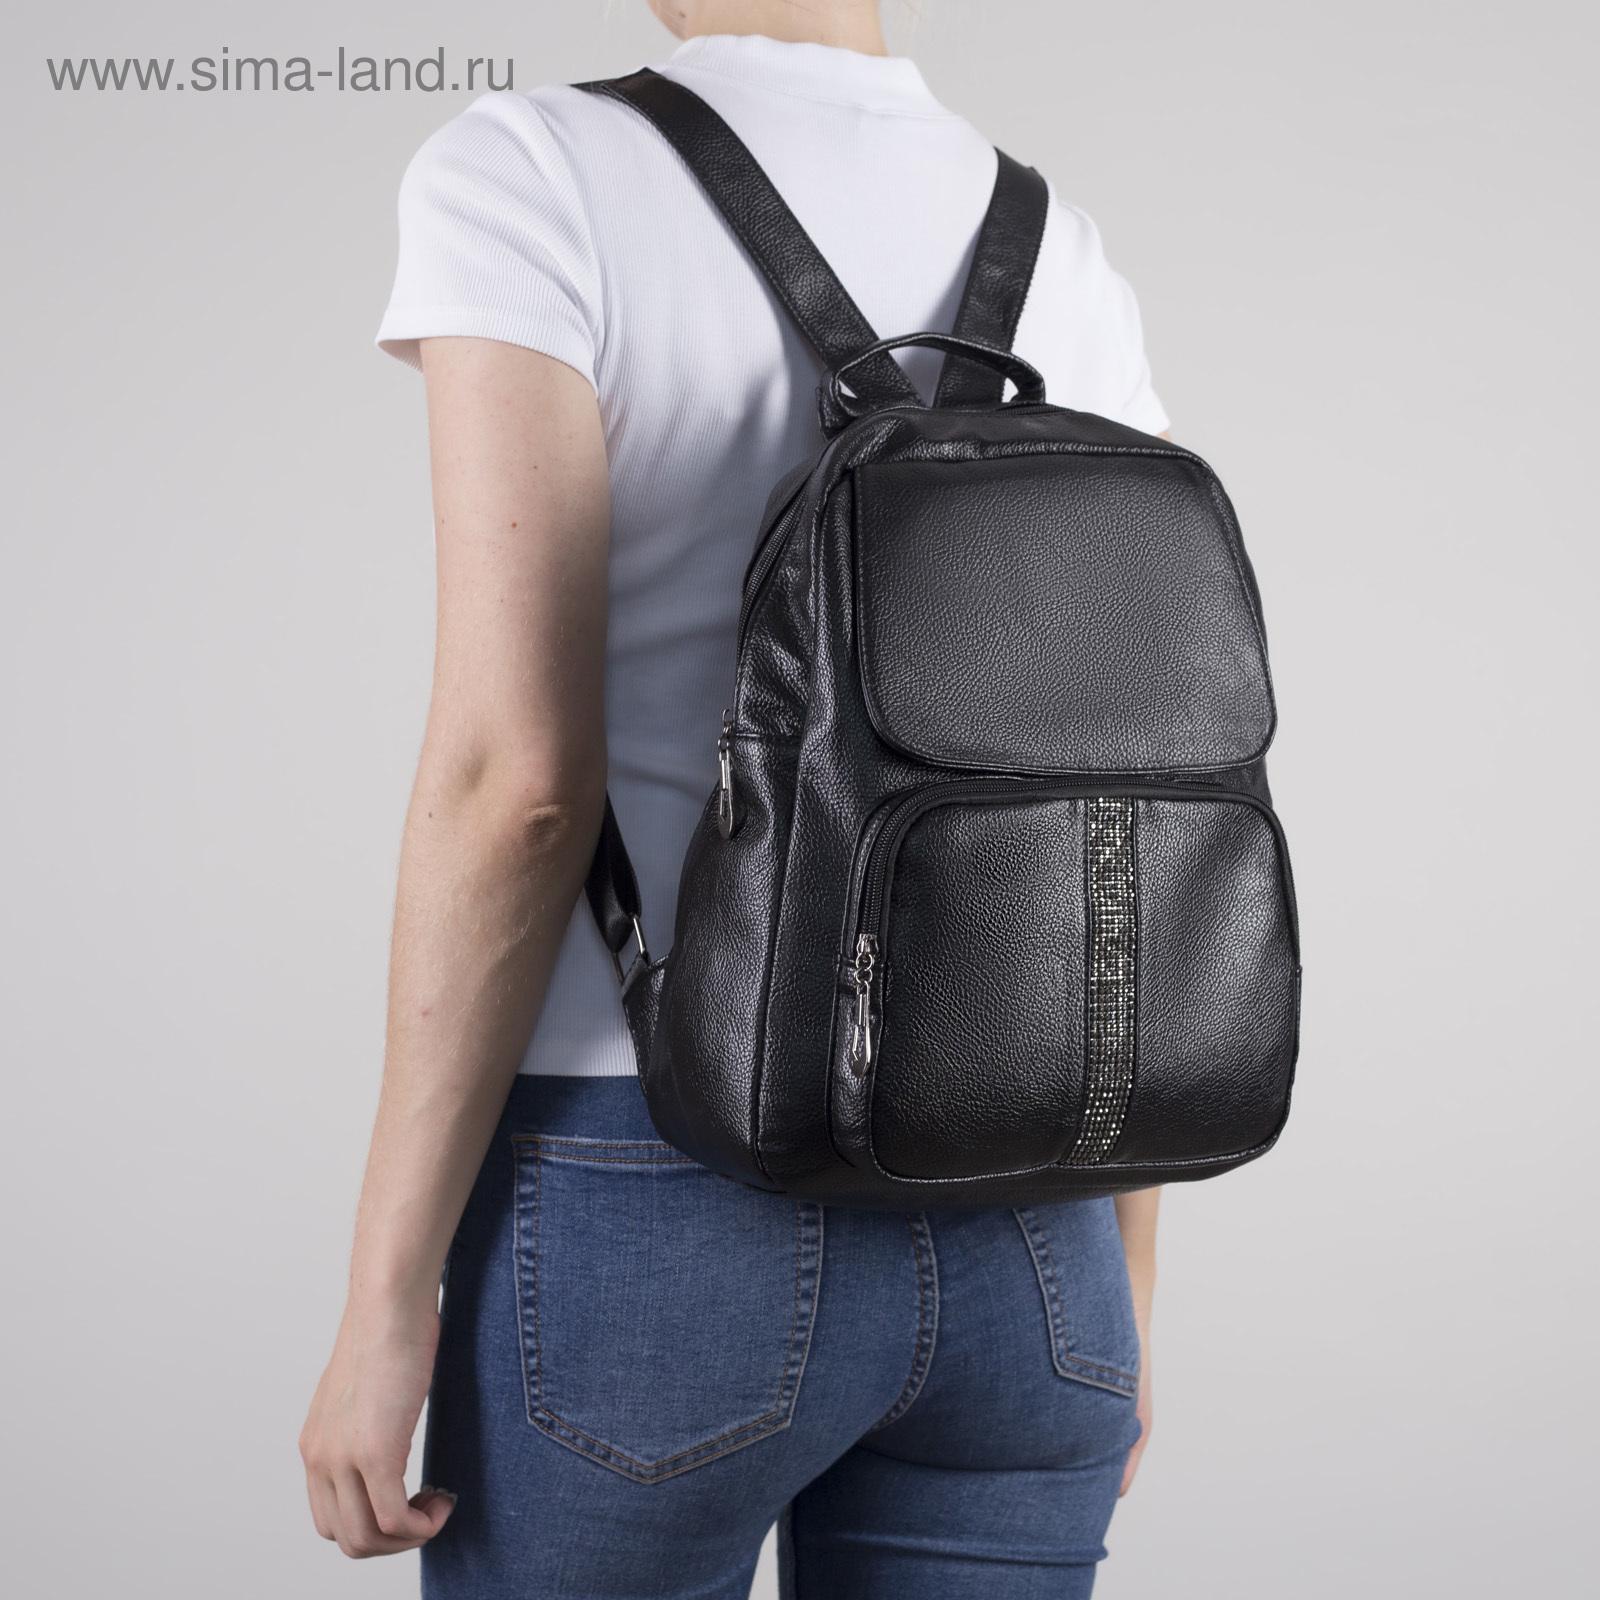 1bb29b9dd043 Рюкзак молодёжный, отдел на молнии, 2 наружных кармана, цвет чёрный ...